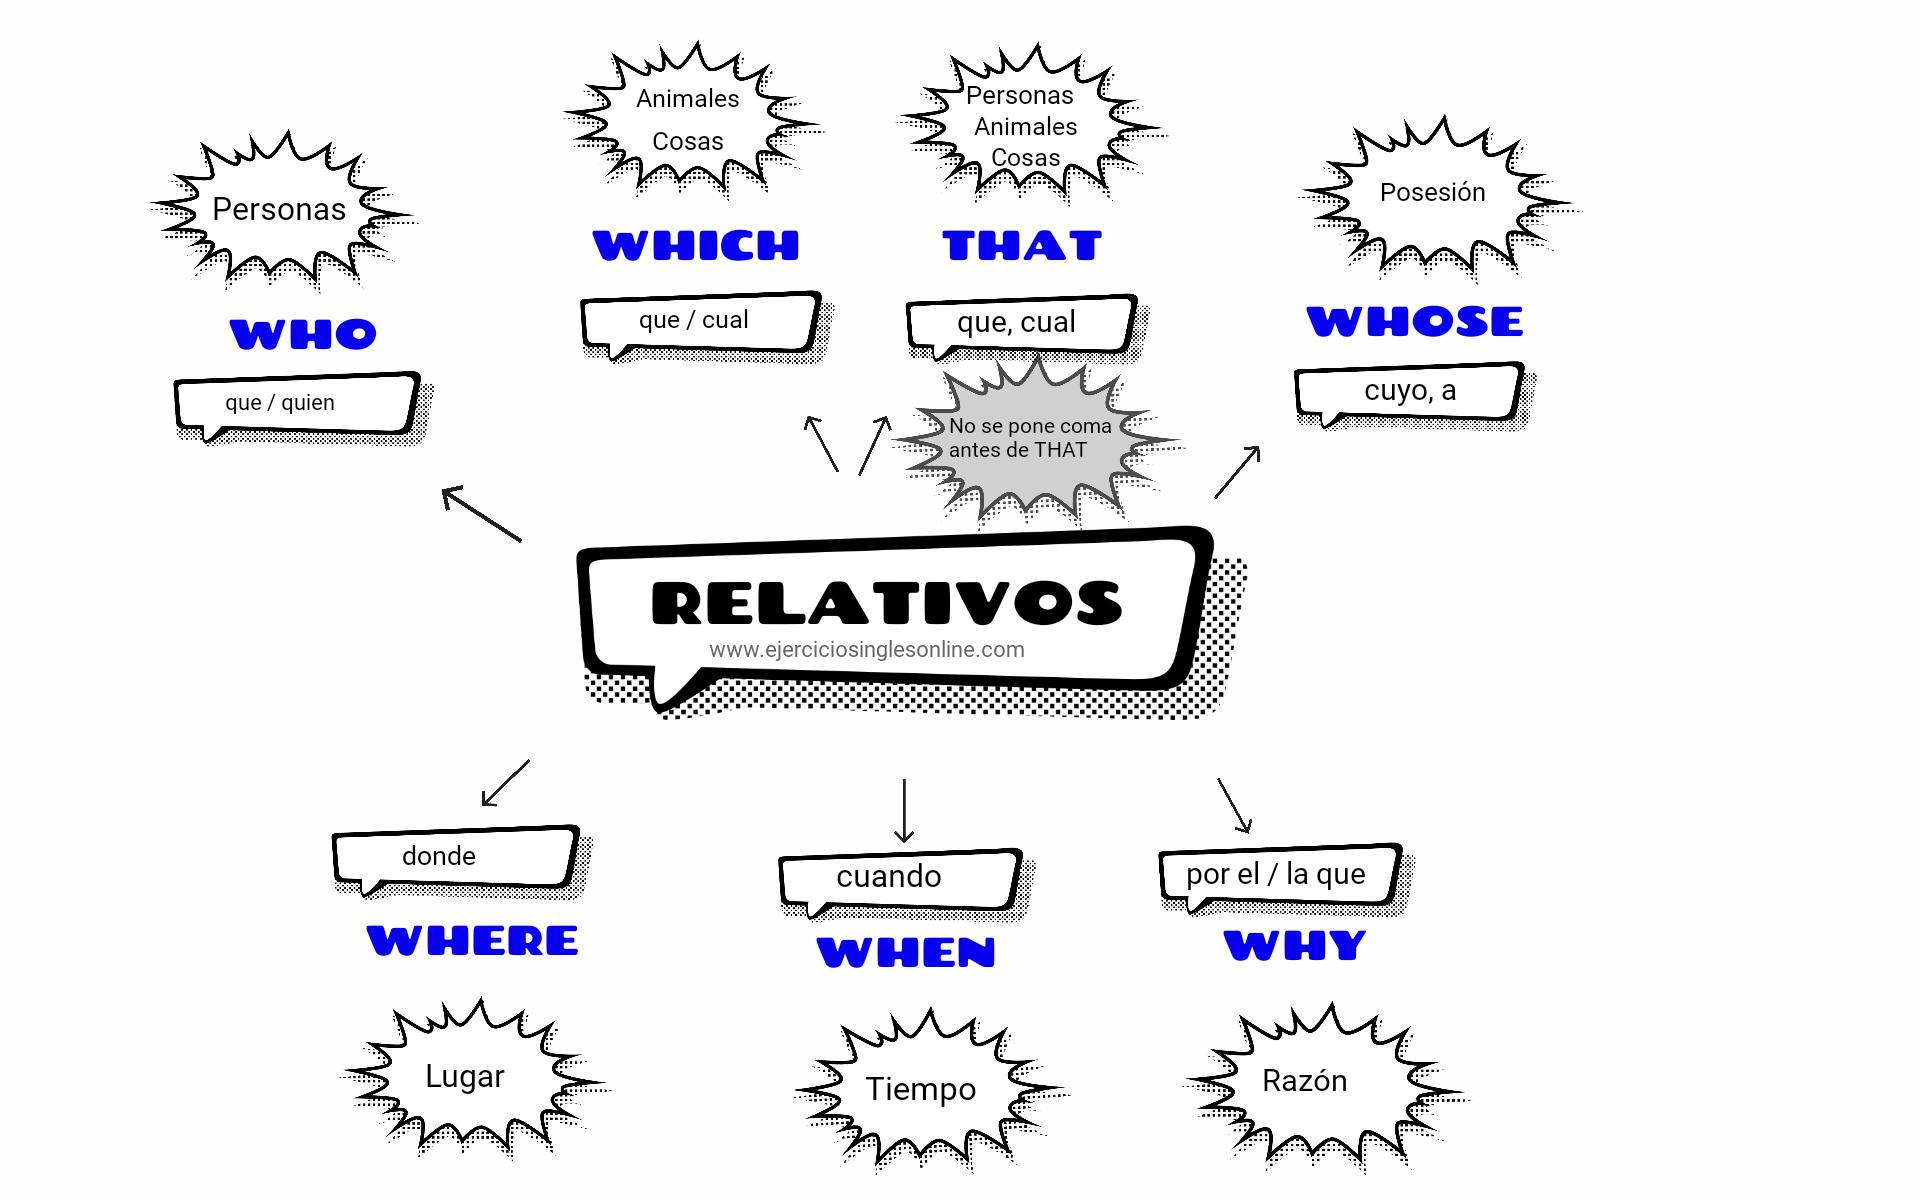 Relativos - Ejercicio 2 - Interactivo